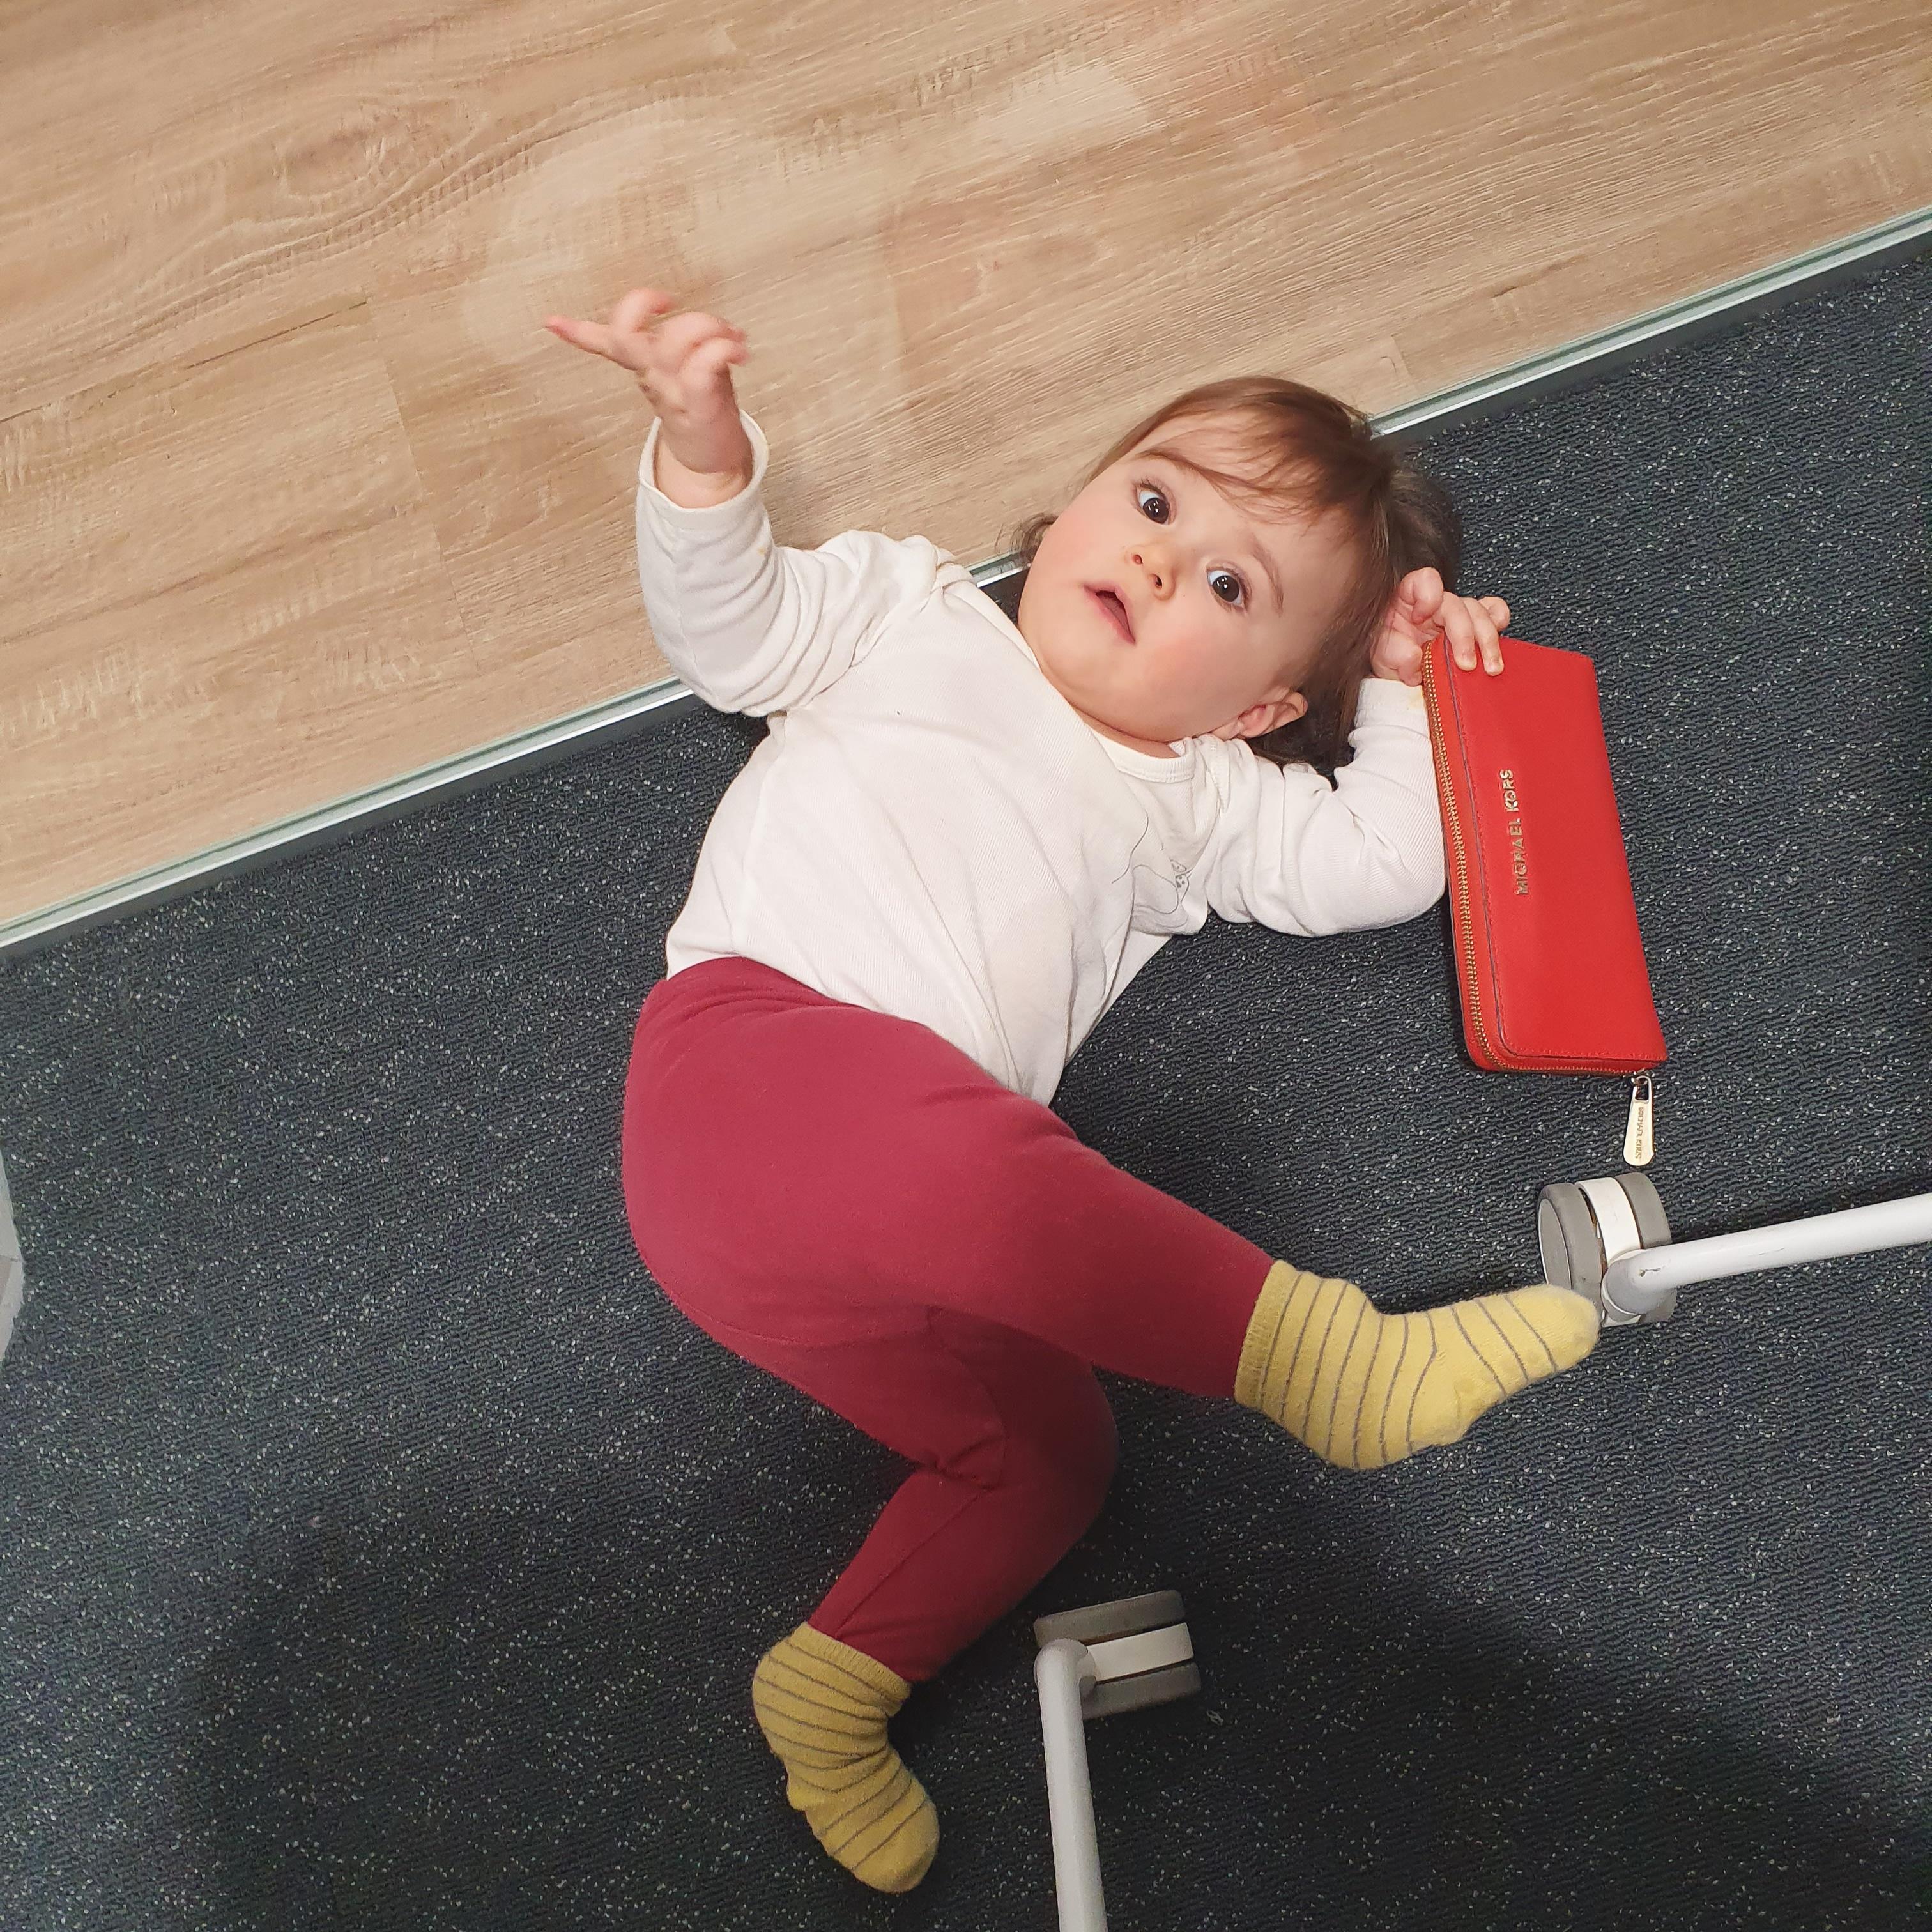 Töihin paluu vanhempainvapaan jälkeen – meidän hoitovapaajärjestelyt